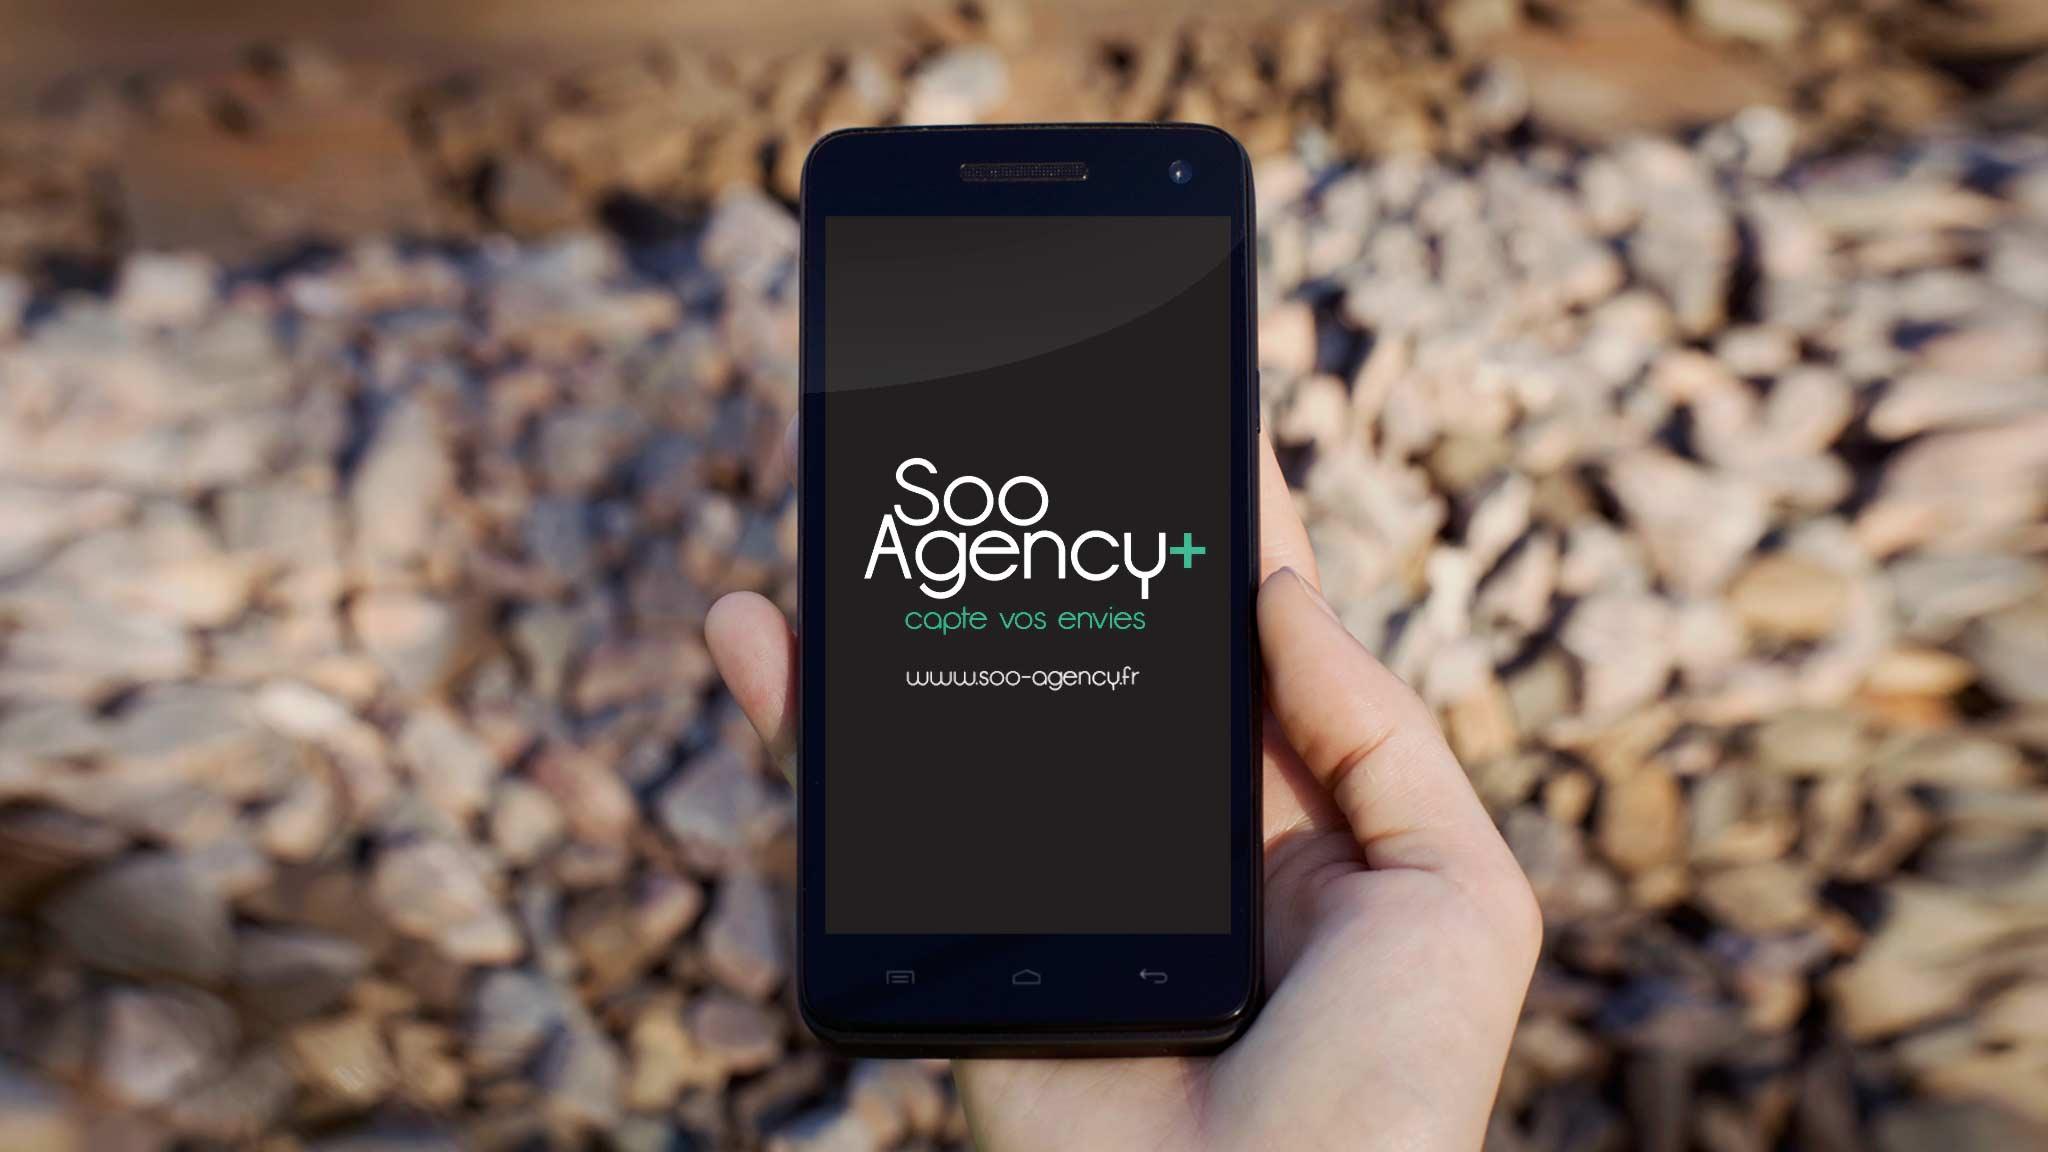 mockup-smartphone-wikomobile-portable-soo-agency-gentle-studio-photographe-produit